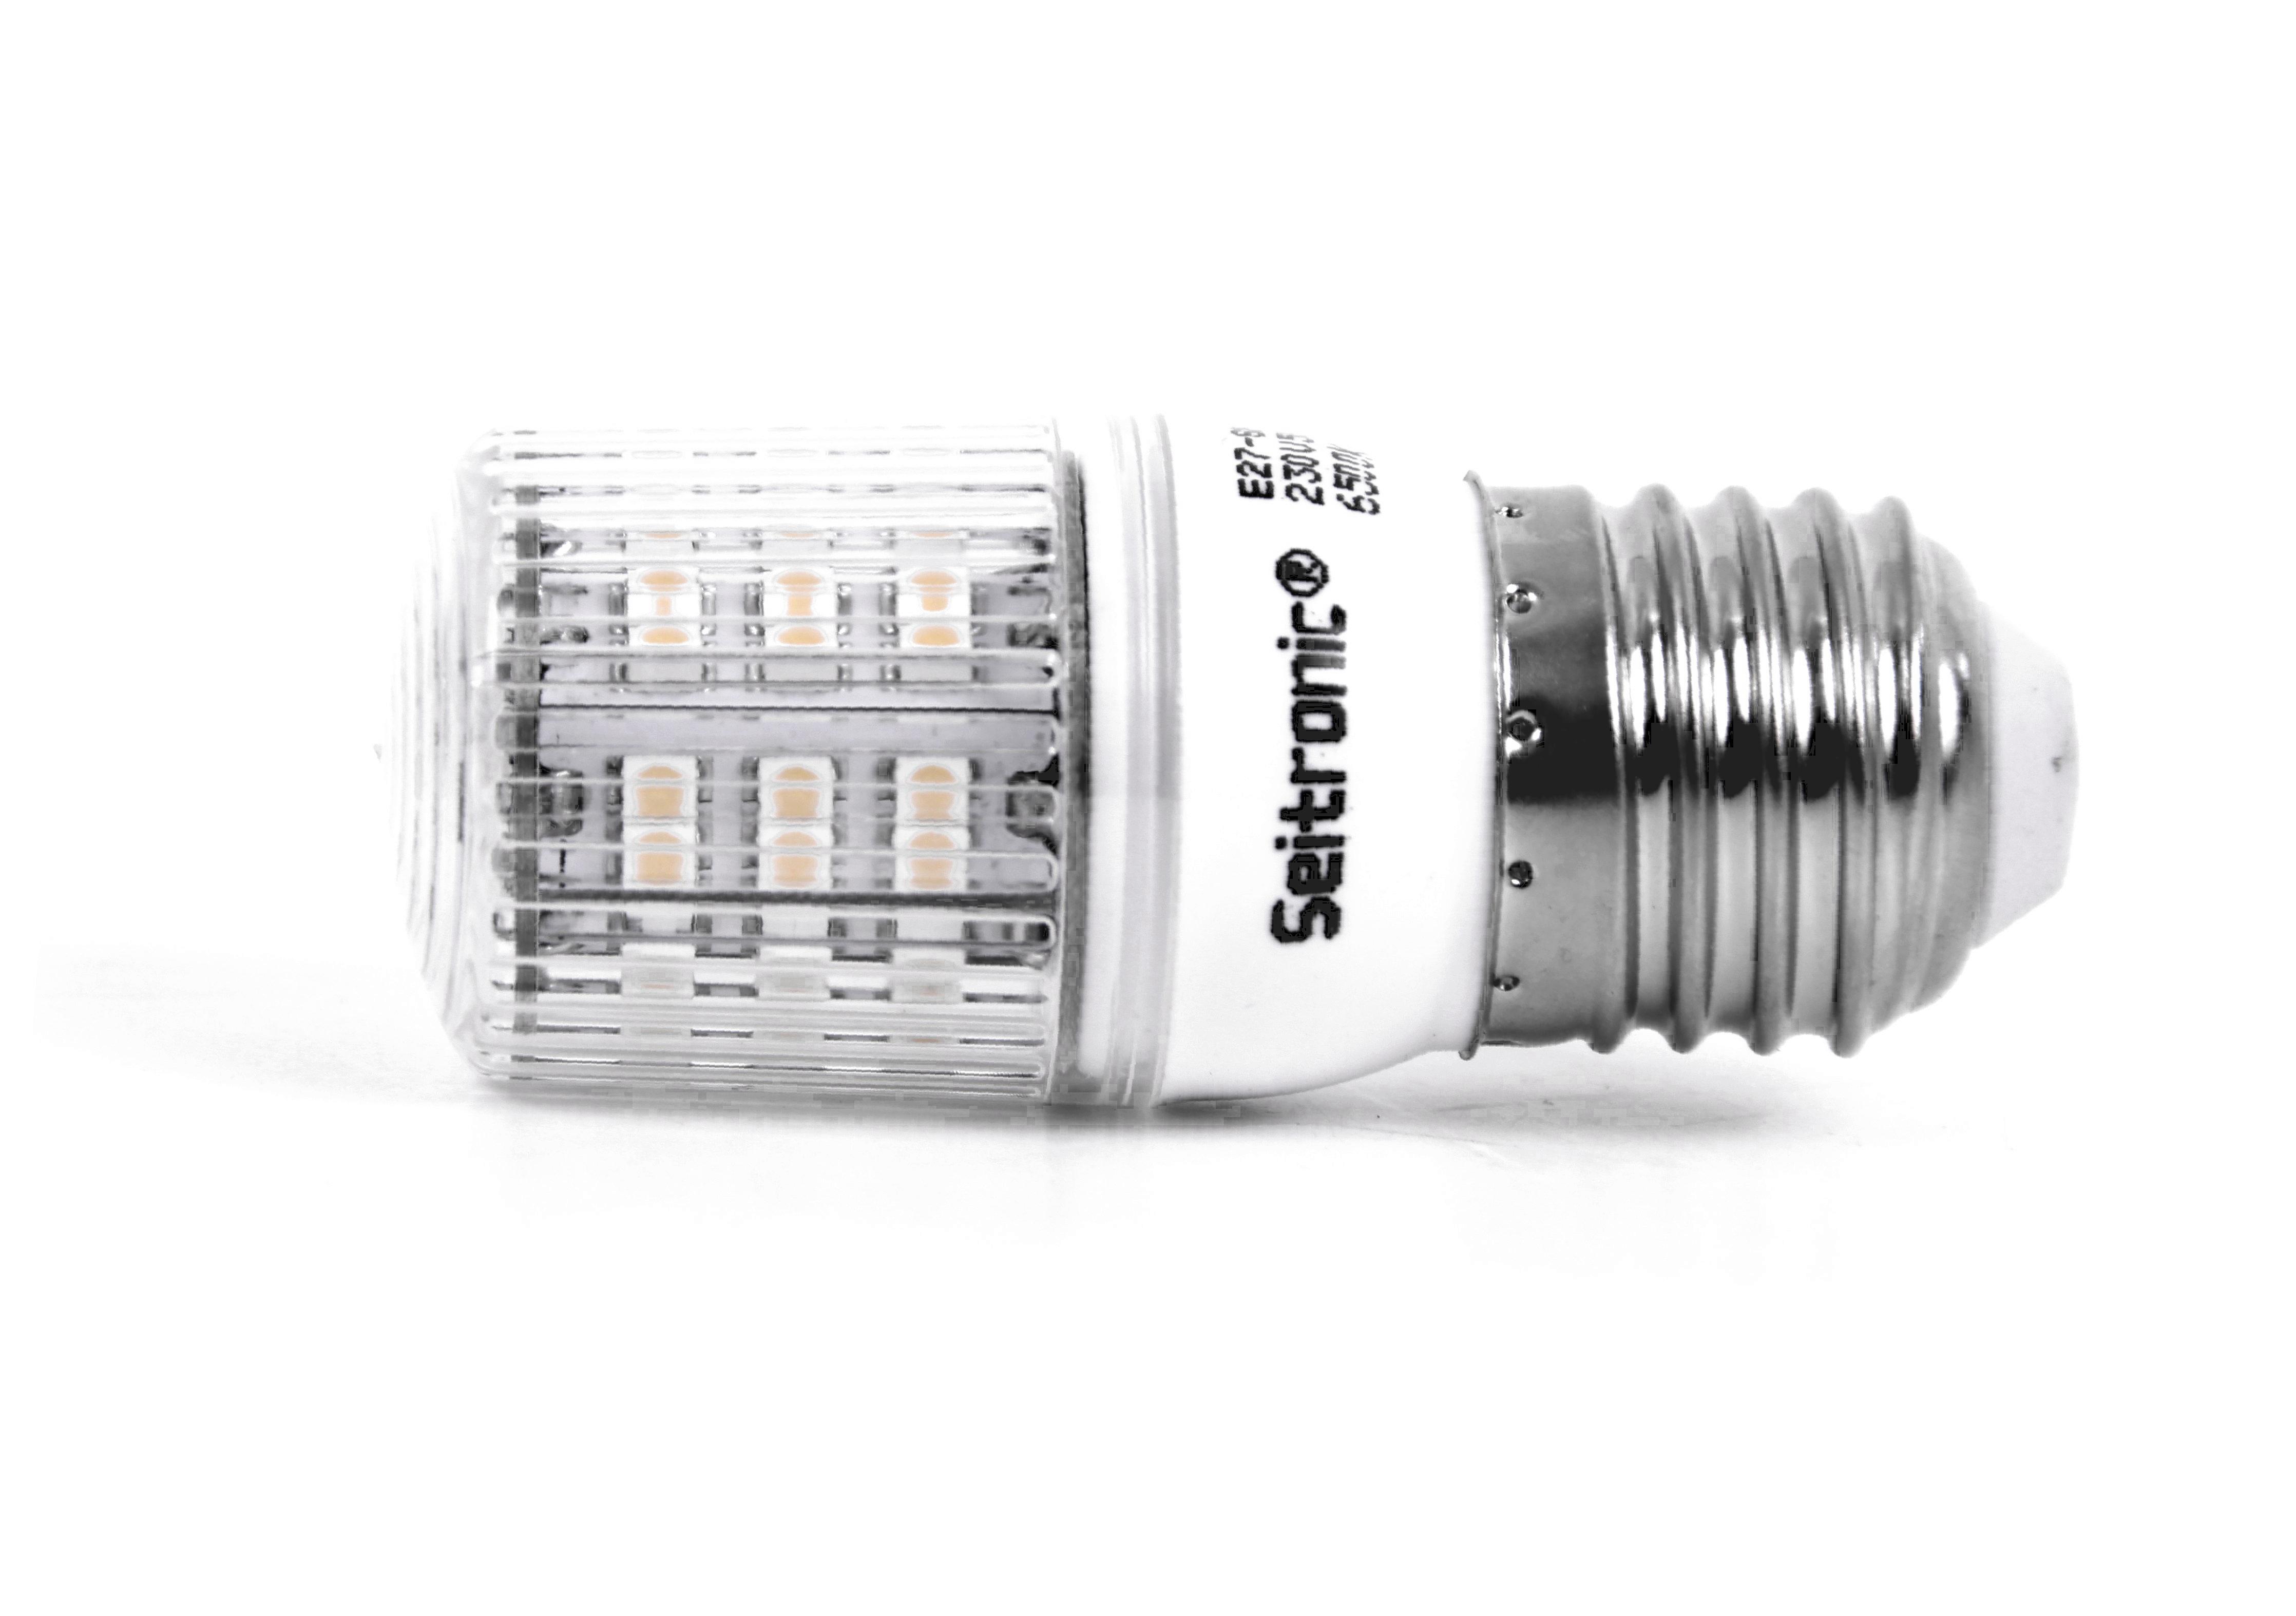 e27_led_leuchtmittel_seitronic_-_3_watt_260lm_6500k_48_leds_kalt-_4967_1 Luxus Led Lampe 3 Watt Dekorationen